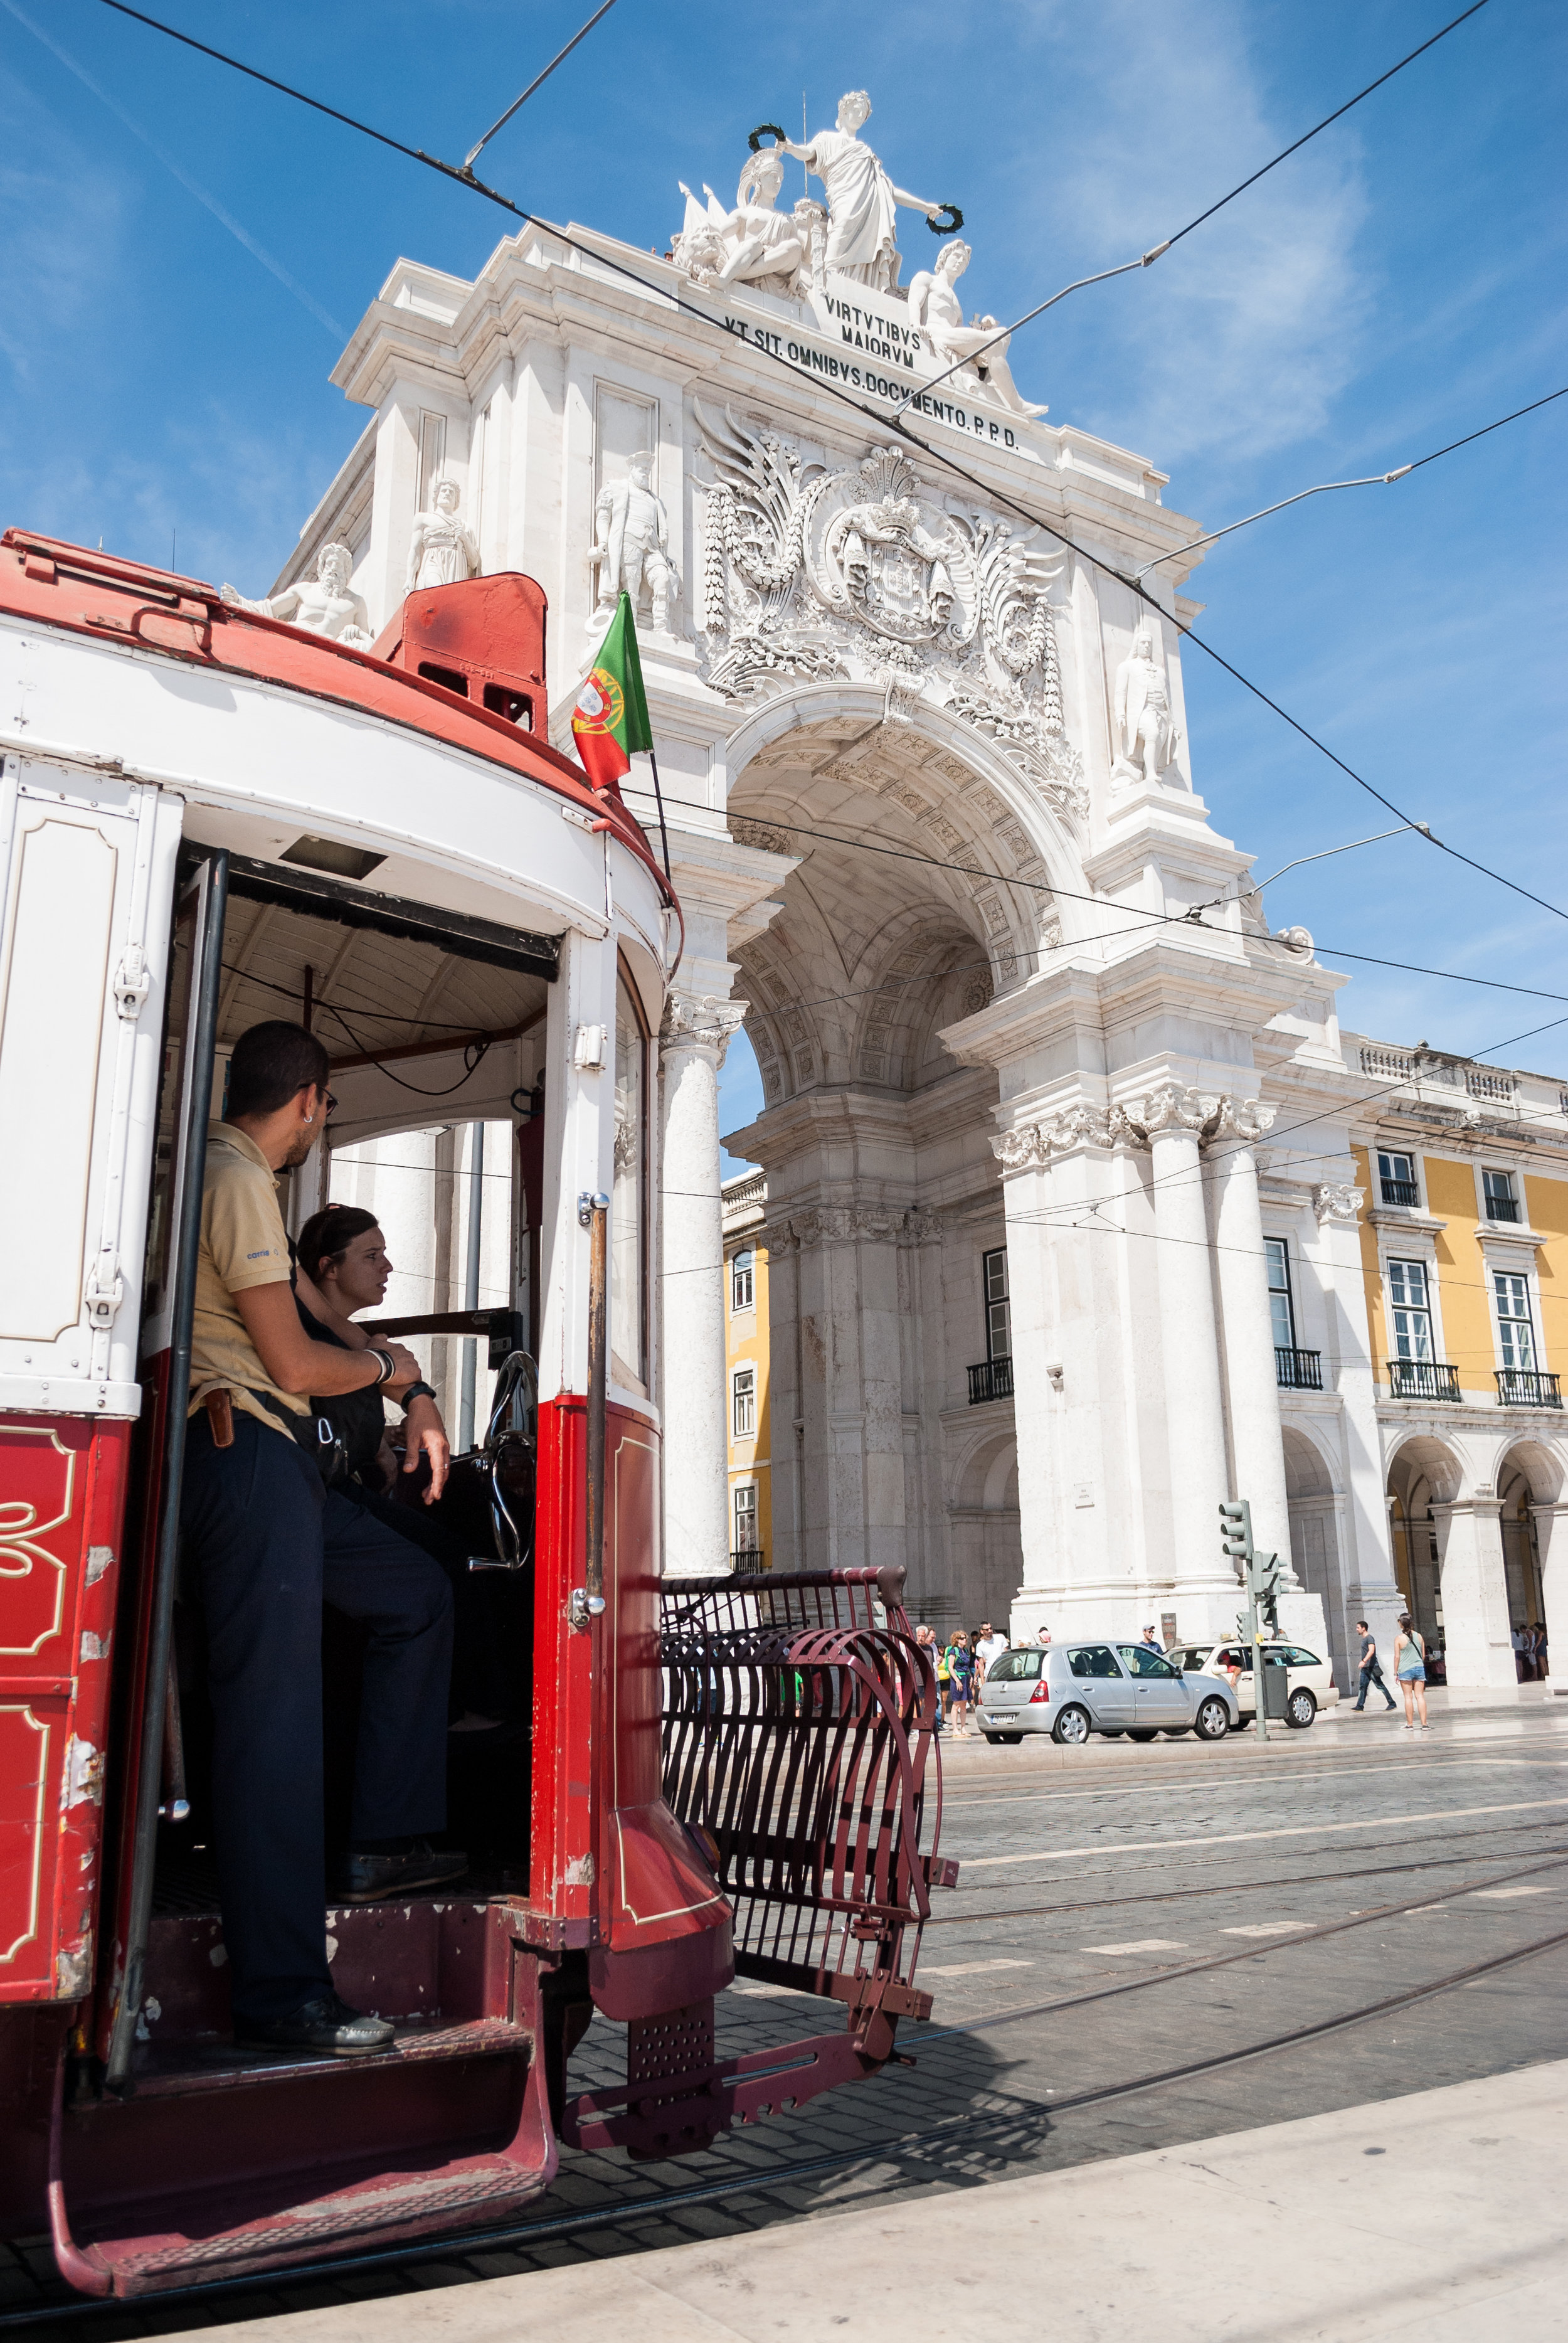 Lisbon in a nutshell. Portugal